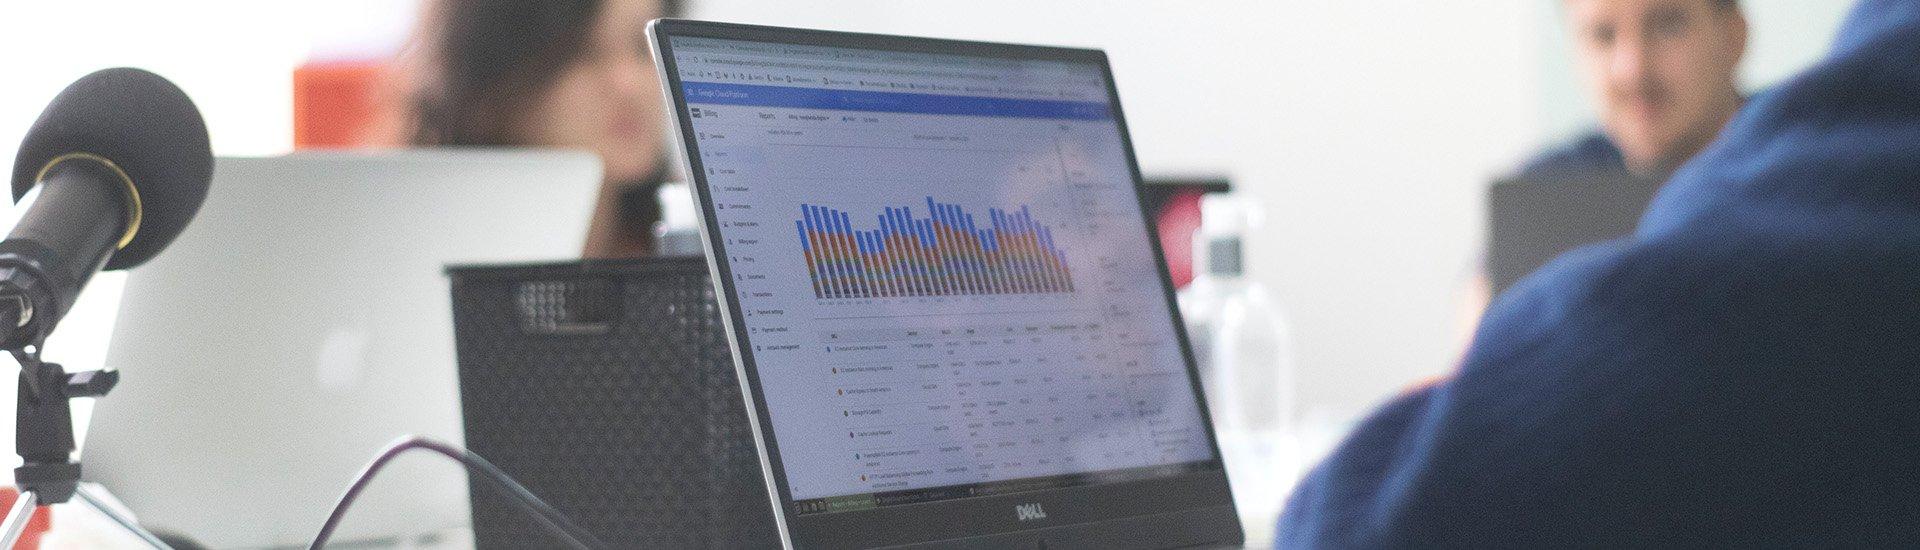 data-chart-graph-on-screen